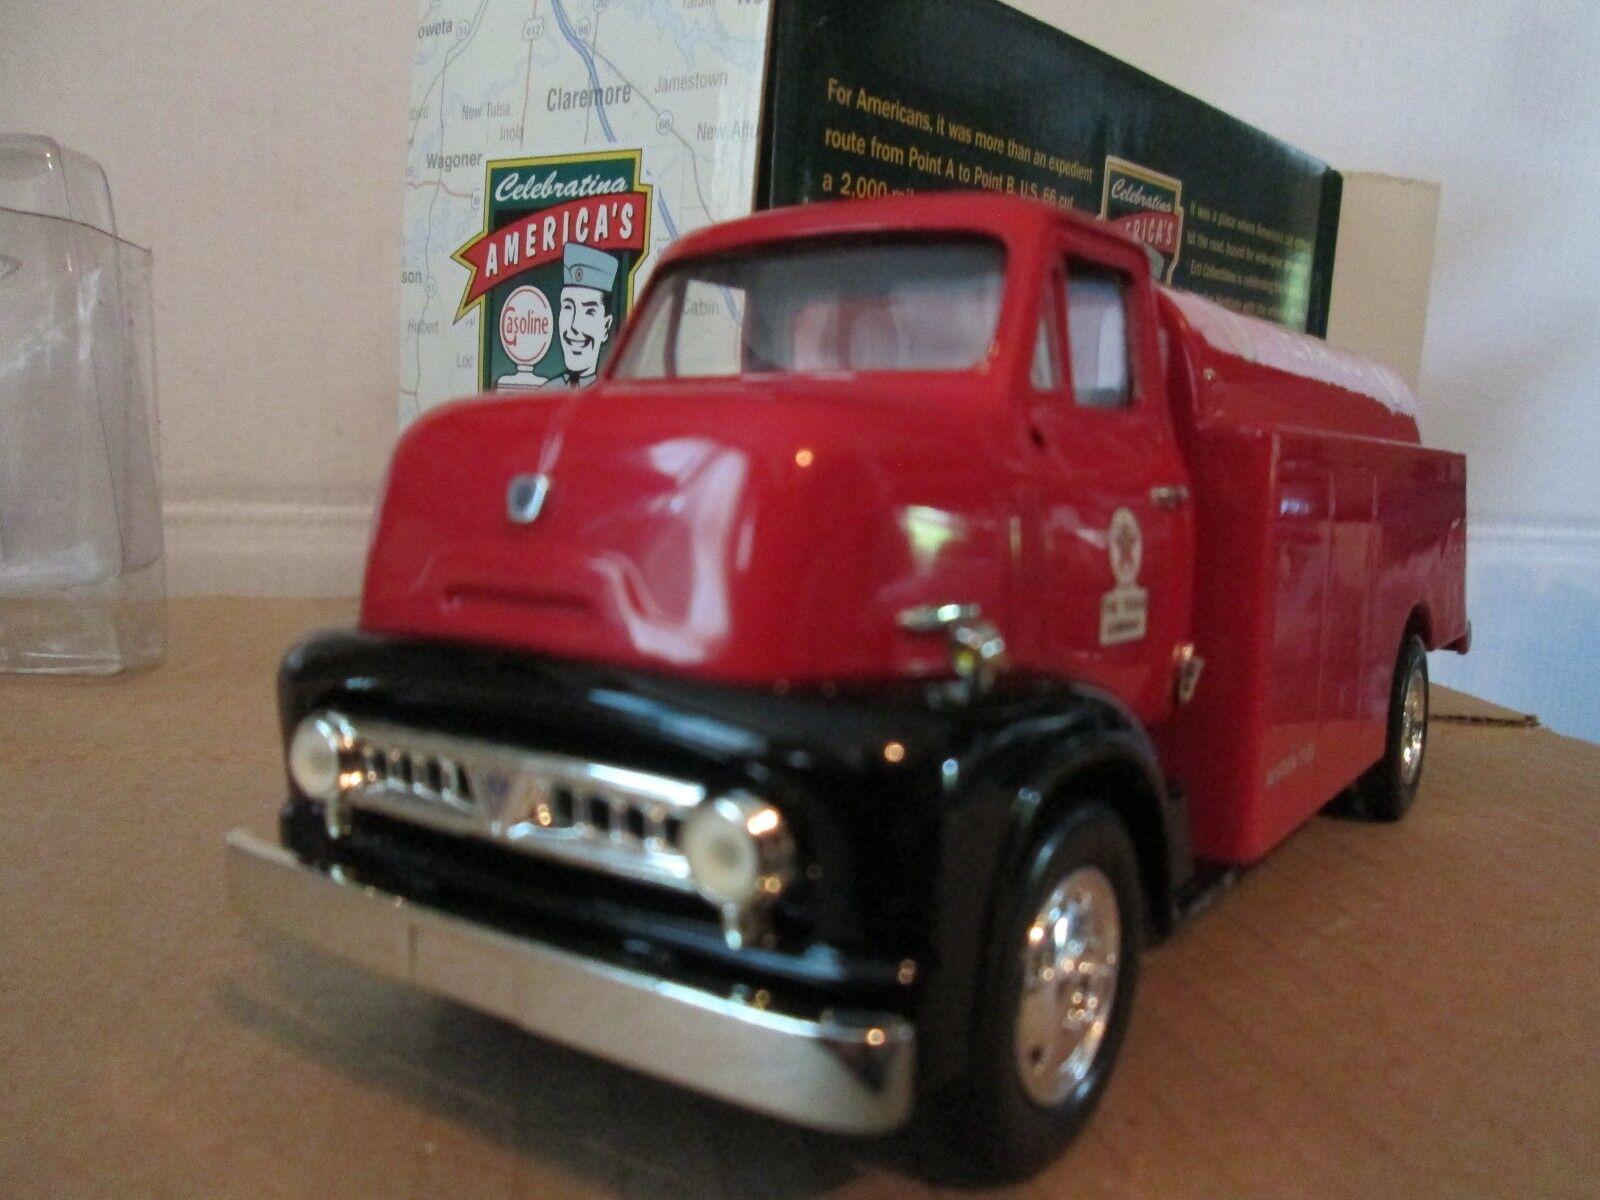 1953 Ford cabina sobre motor C600 Texaco camión 1 30 Ertl Vintage entrega Audio Video petrolero del combustible